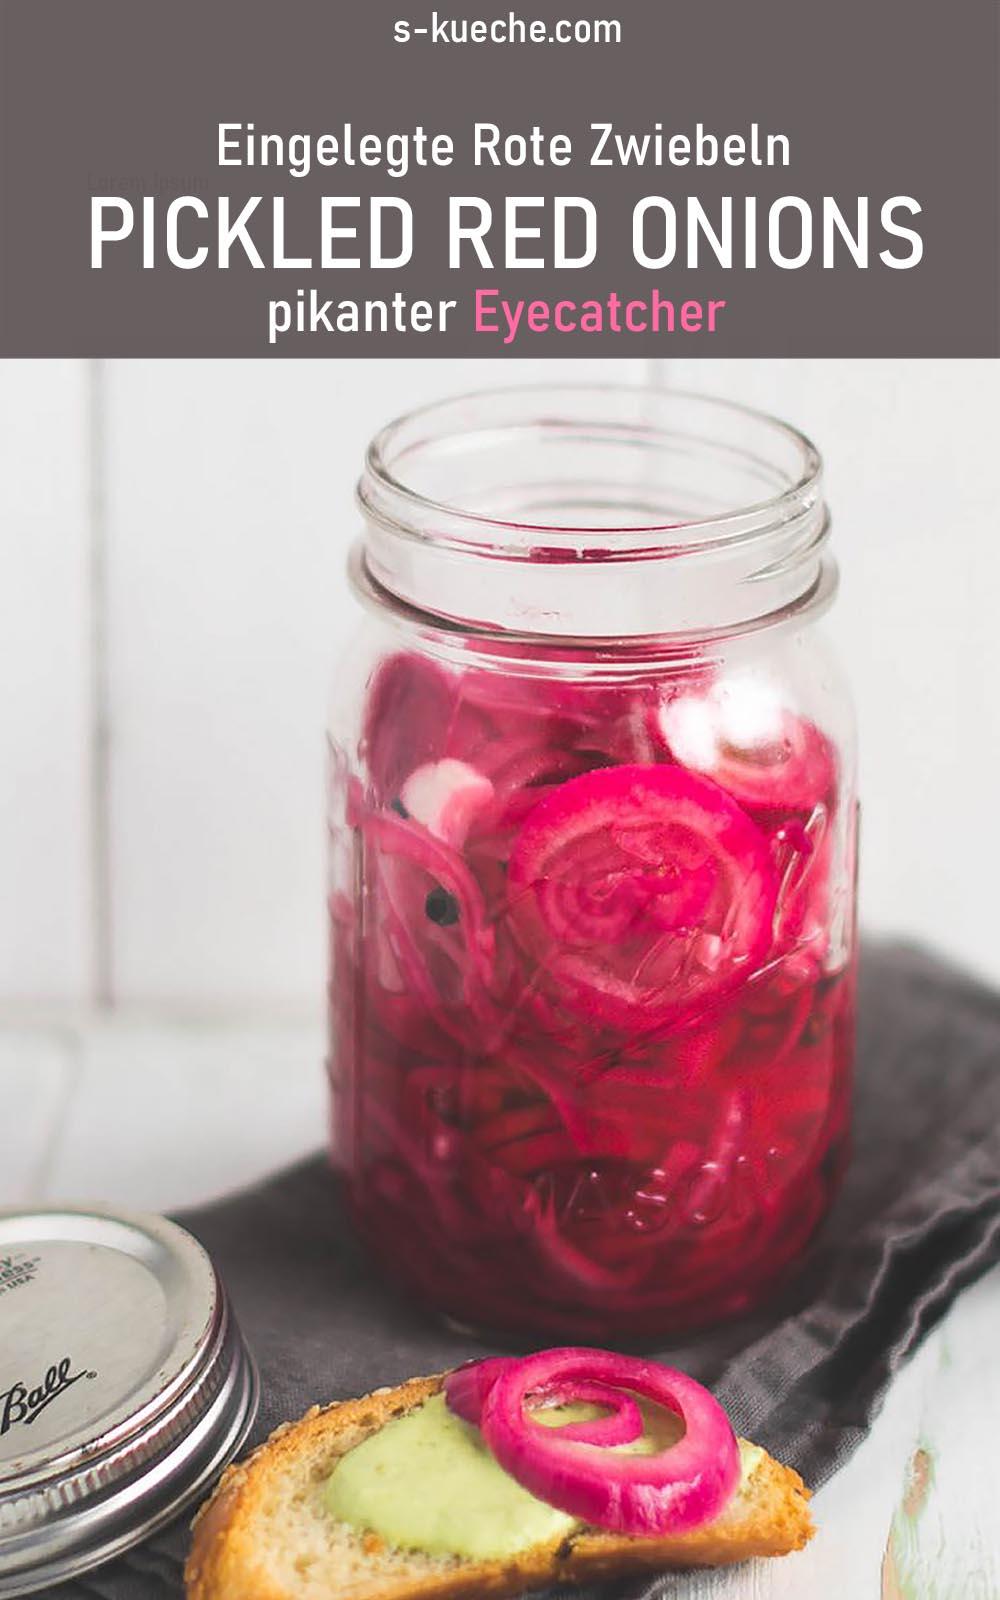 Eingelegte Rote Zwiebeln - Pickled Red Onions für Salat, Vorspeisen, als wunderschönen, essbaren Eyecatcher mit tollem Geschmack #pickledonions #rezept #salat #vorspeisen #einmachen #einlegen